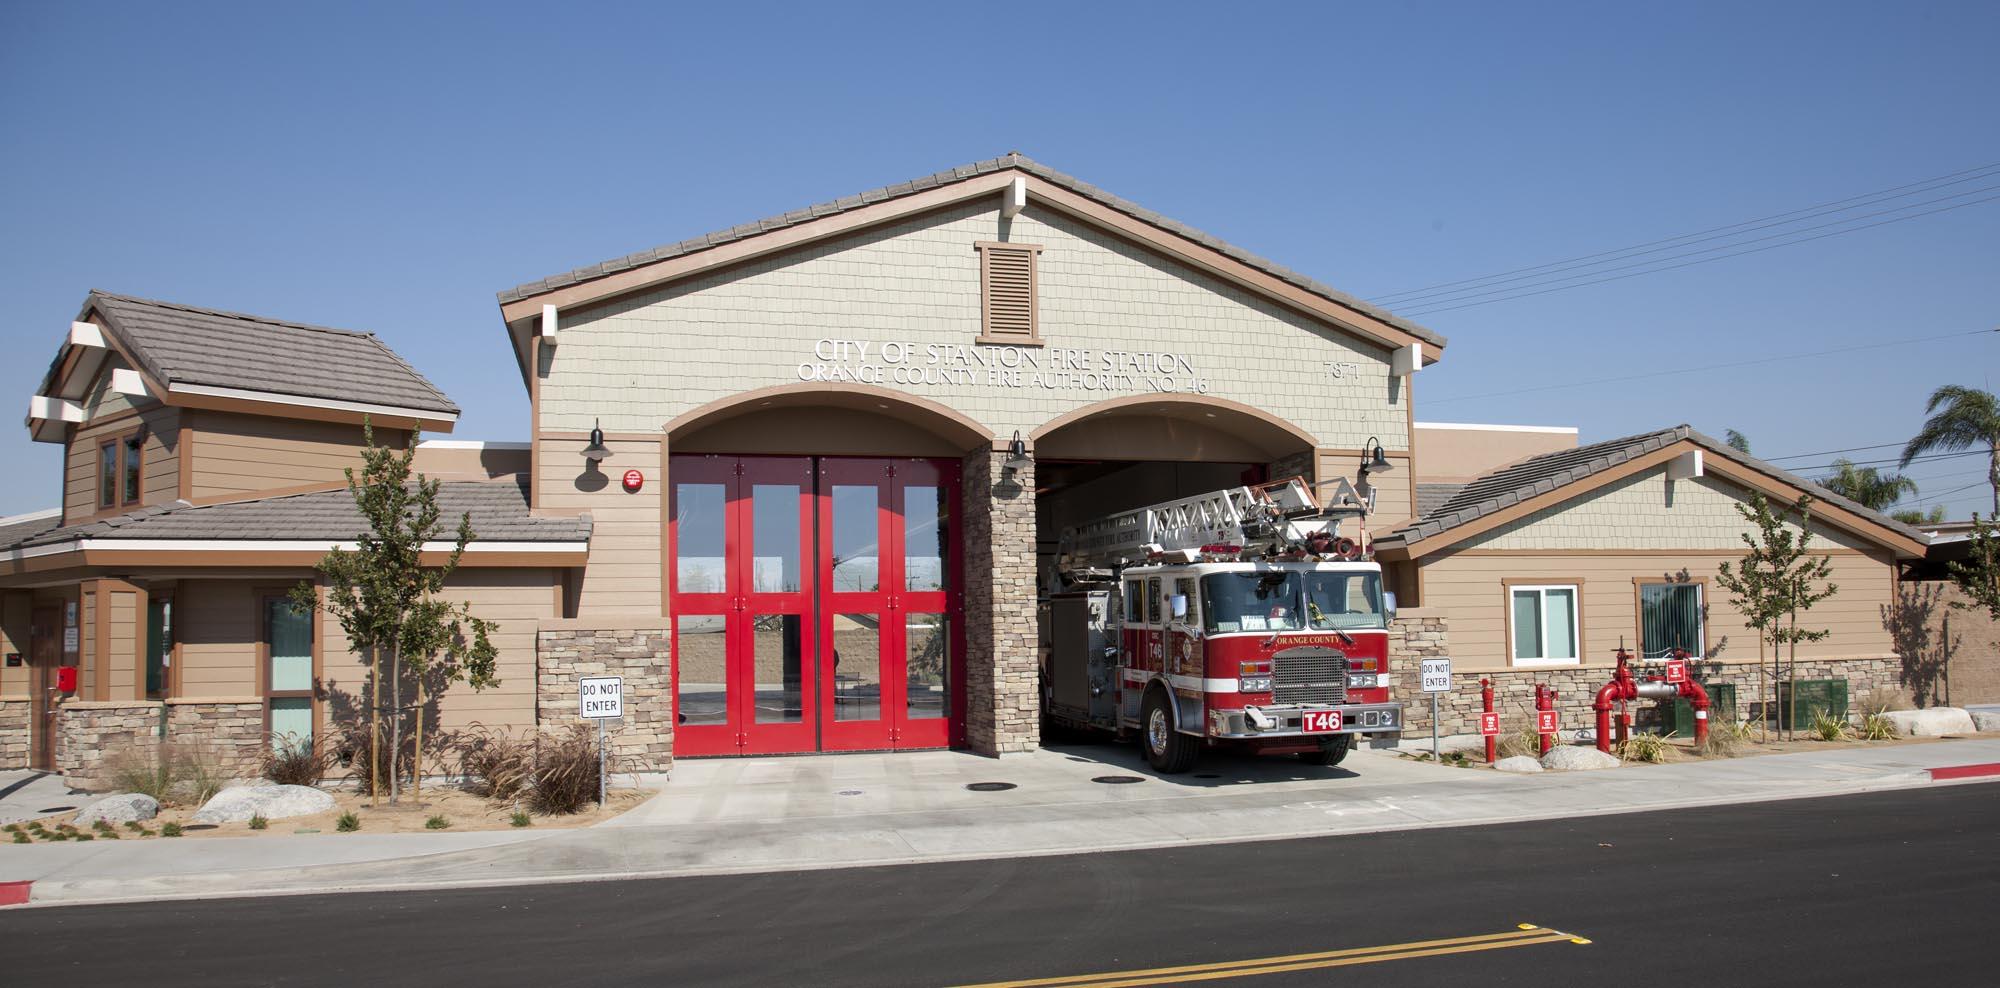 Stanton-Firestation-46-04.jpg